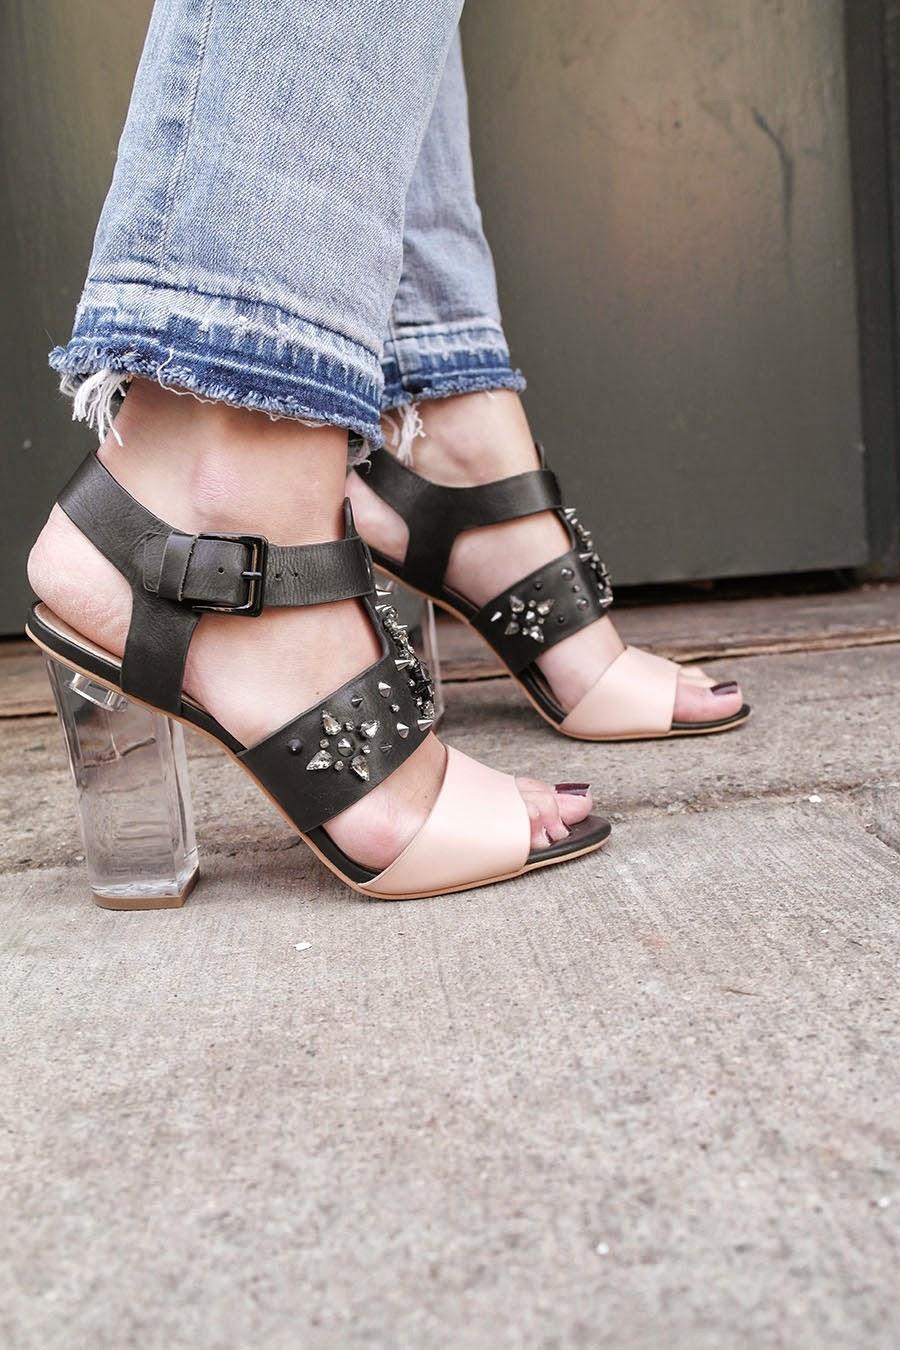 Boyfriend Jeans, Heels